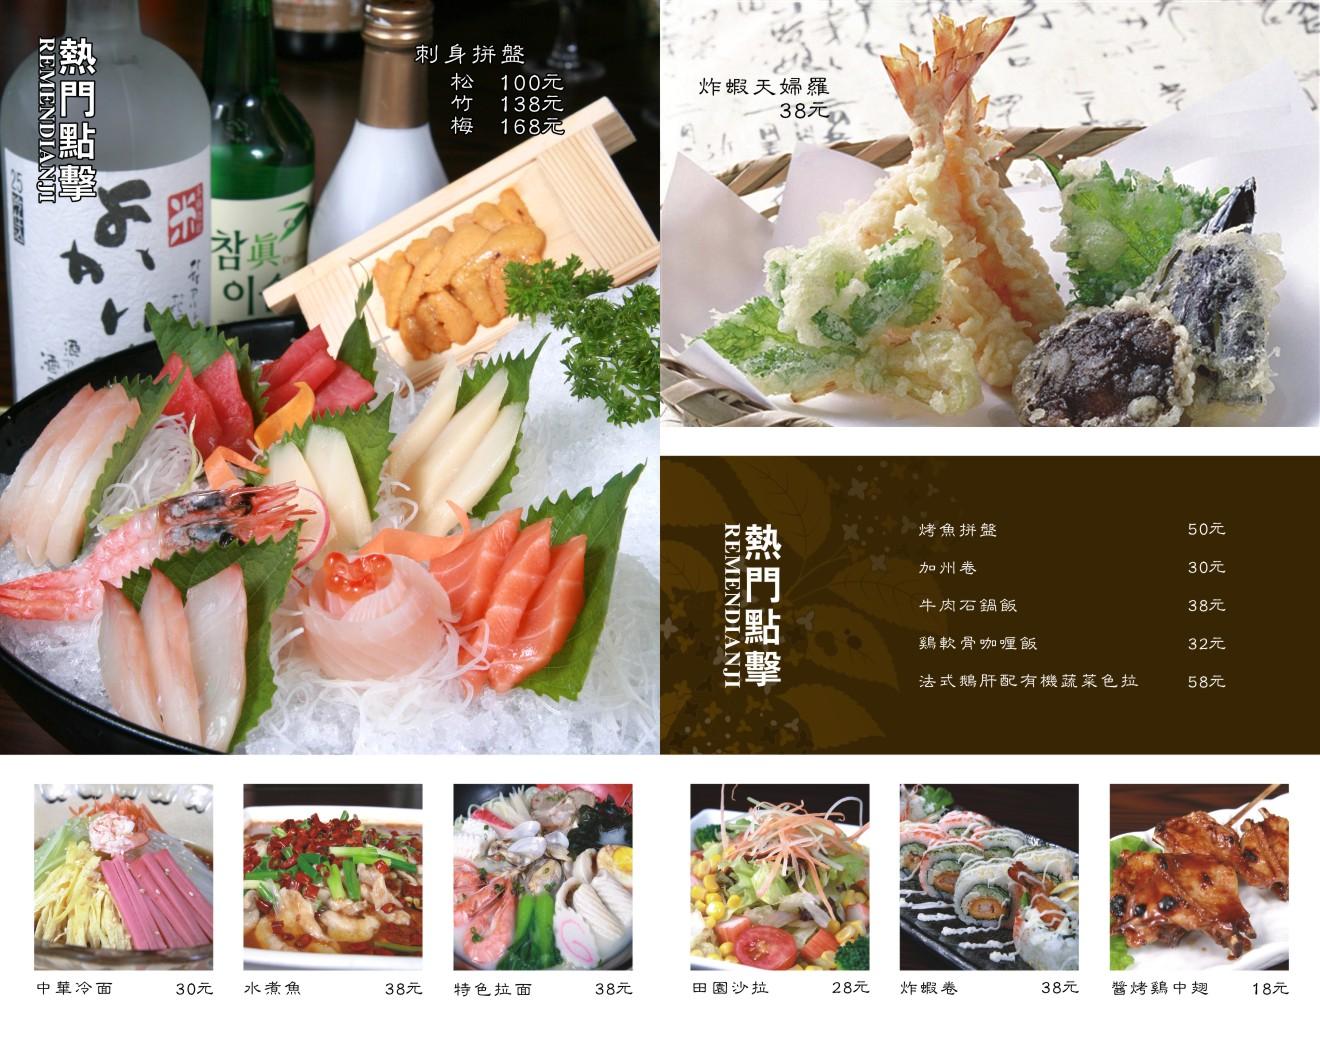 法式铁板烧菜谱_菜谱册日本料理 日本料理菜谱